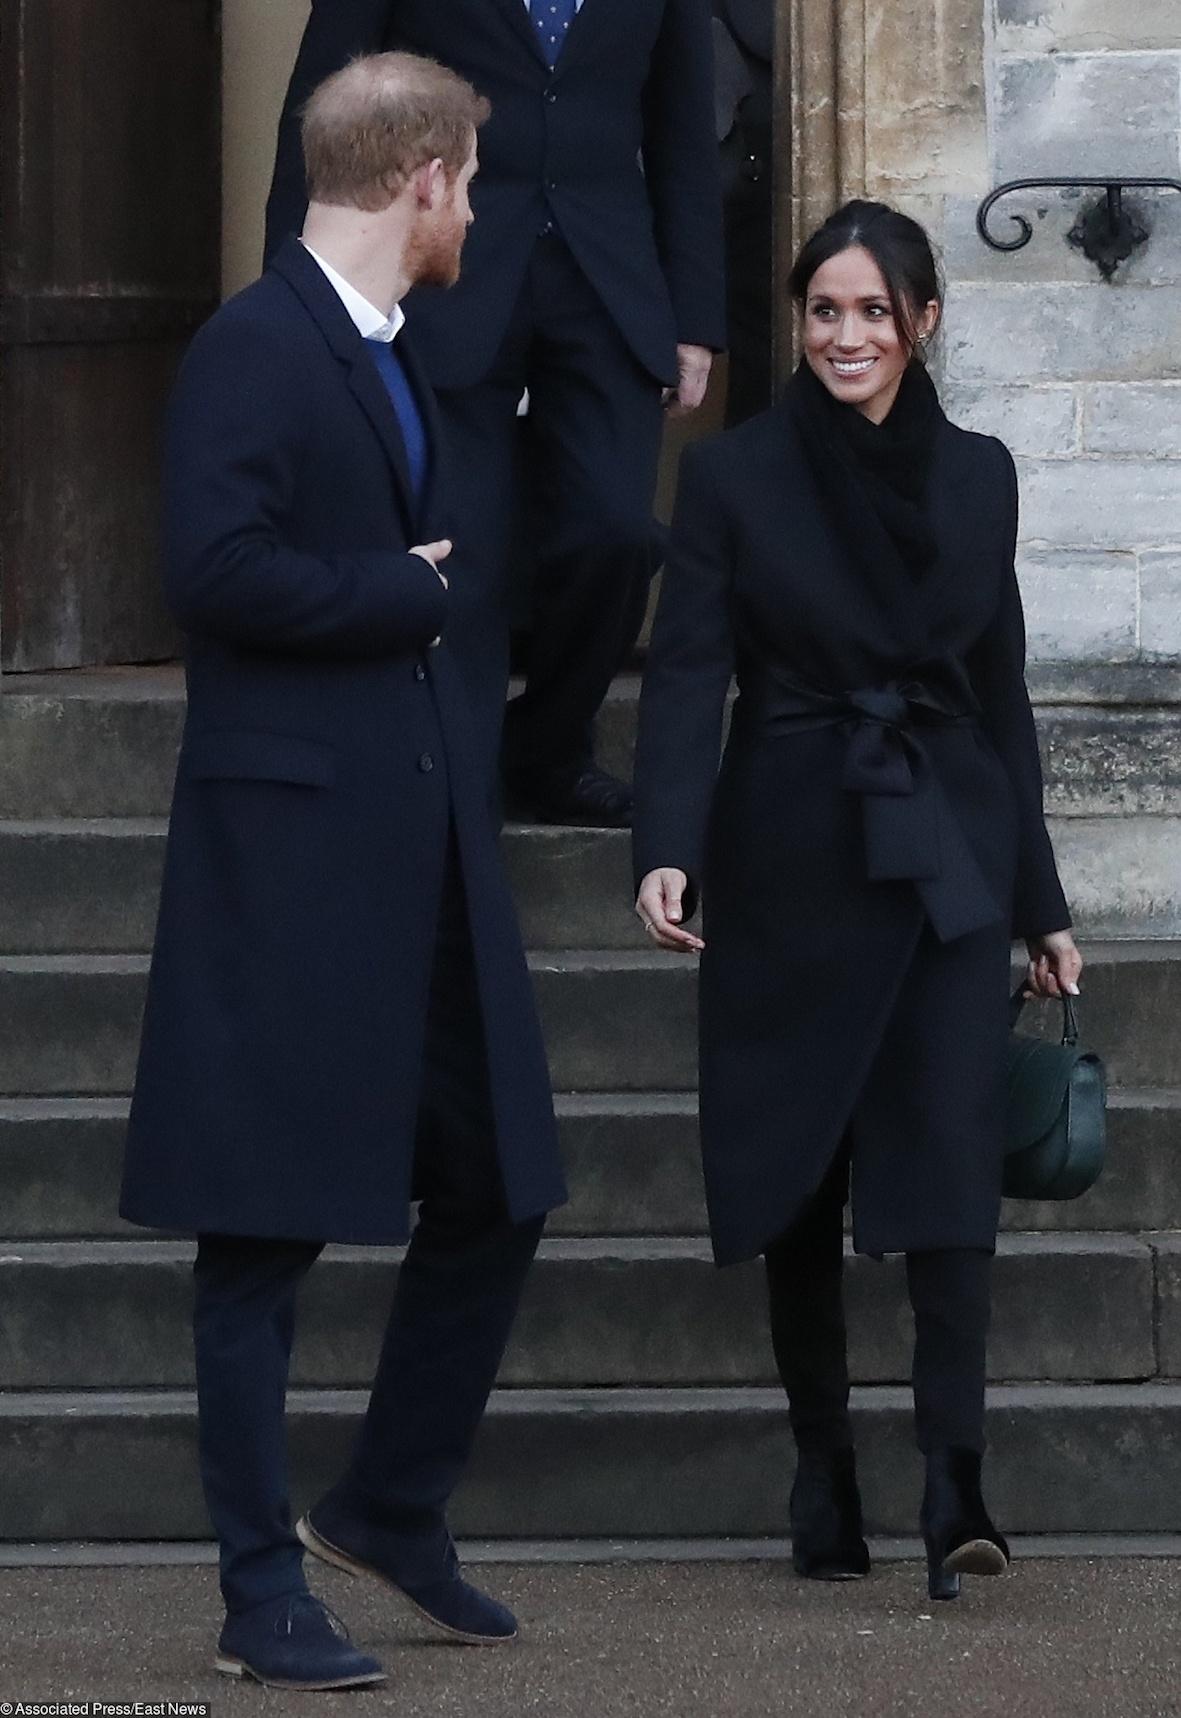 Total-Black по-королевски: в чем принц Гарри и Меган Маркл посетили Уэльс?